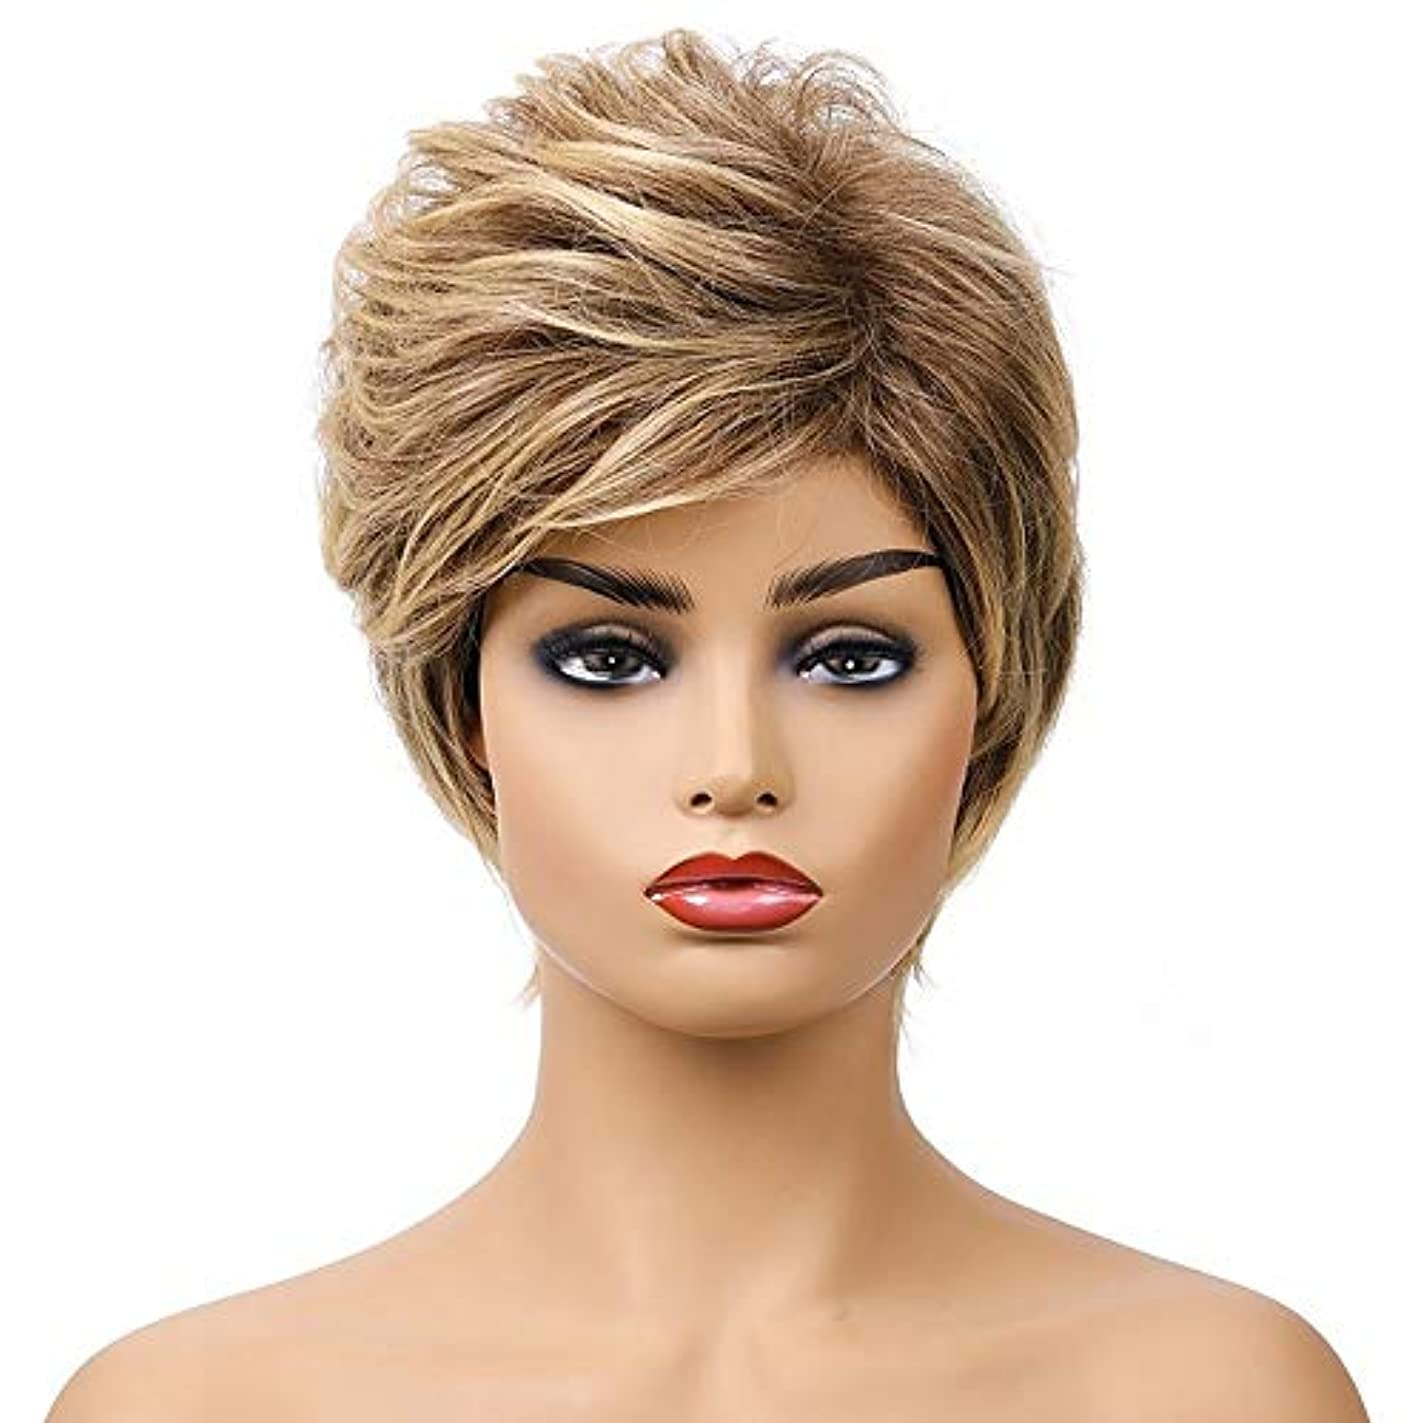 女王証明するけがをする女性の短い茶色の巻き毛のかつら、女性の側部のかつら、黒人女性のための自然なかつら、合成衣装ハロウィンコスプレパーティーウィッグ、茶色の黄色の混合色(ウィッグキャップ付き)